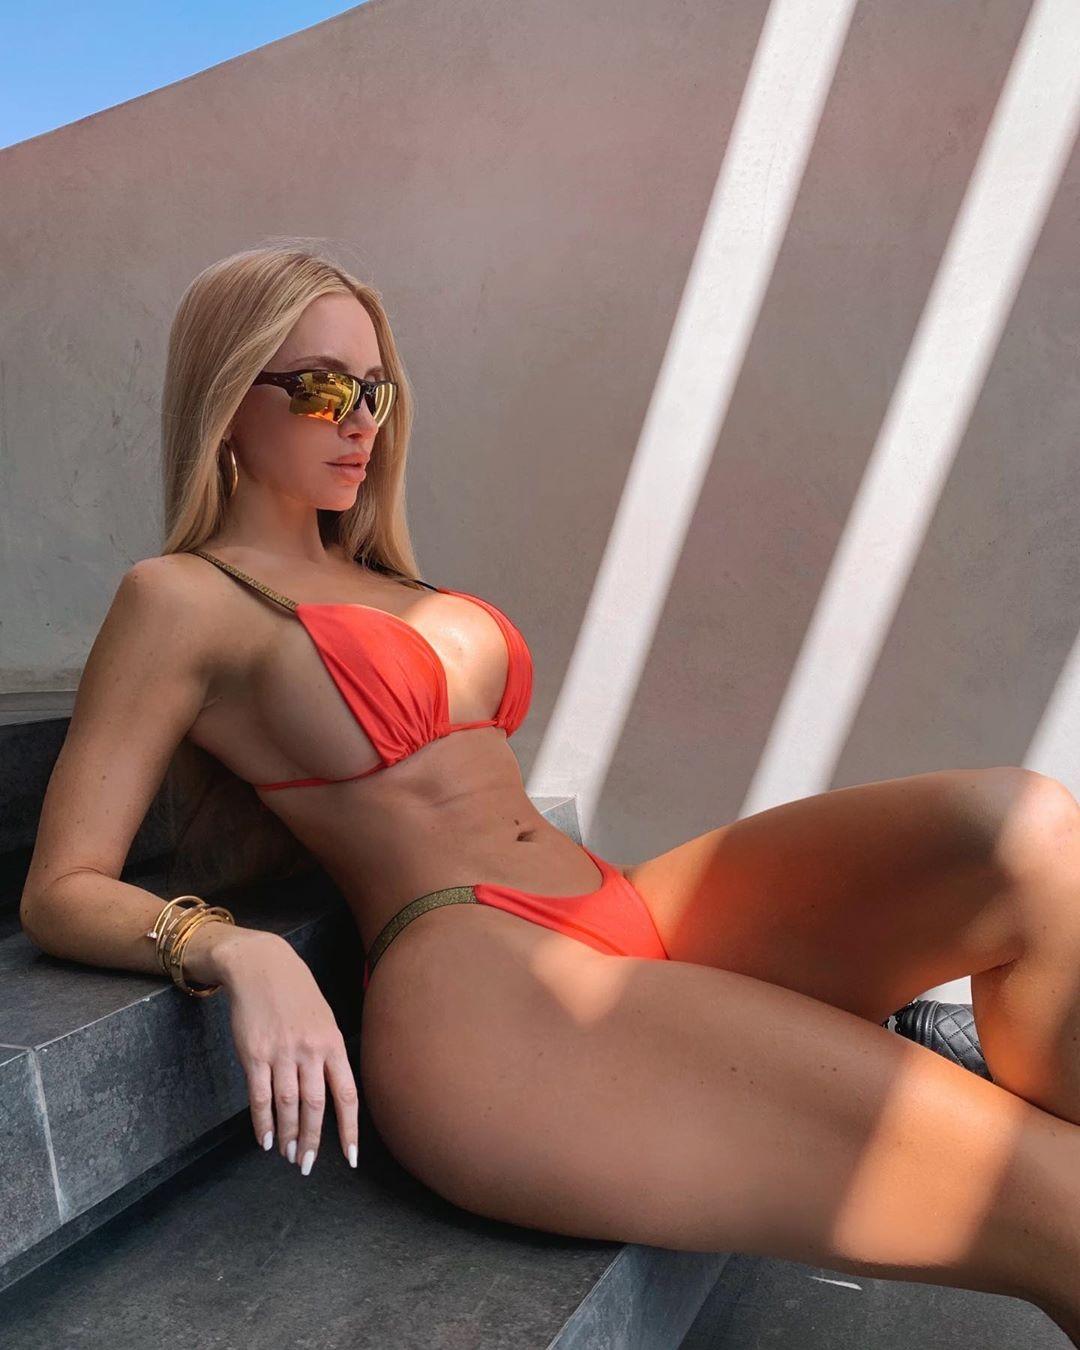 Amanda Elise Porn amanda elise lee nude naked pics and videos imperiodefamosas